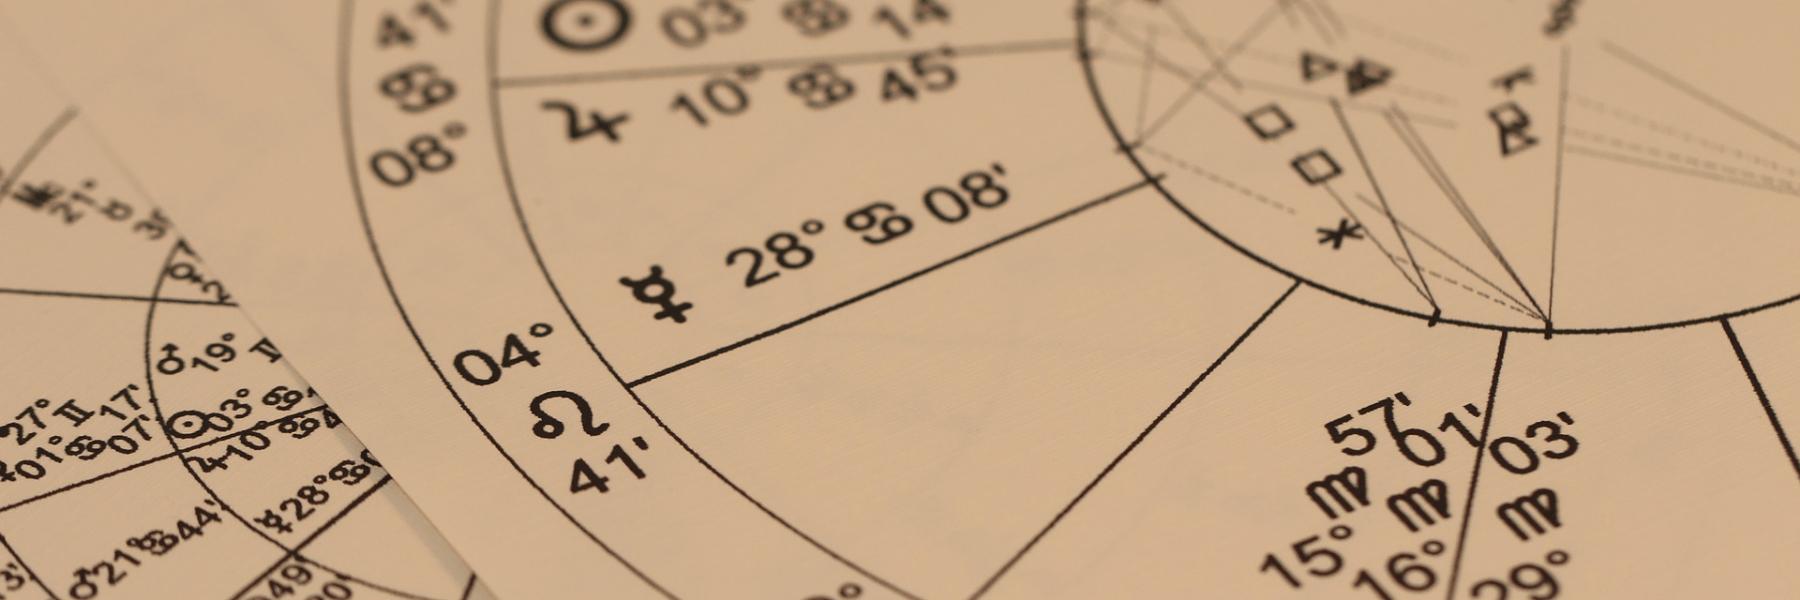 西洋占星術占い師の活躍できる場所と仕事内容とは?